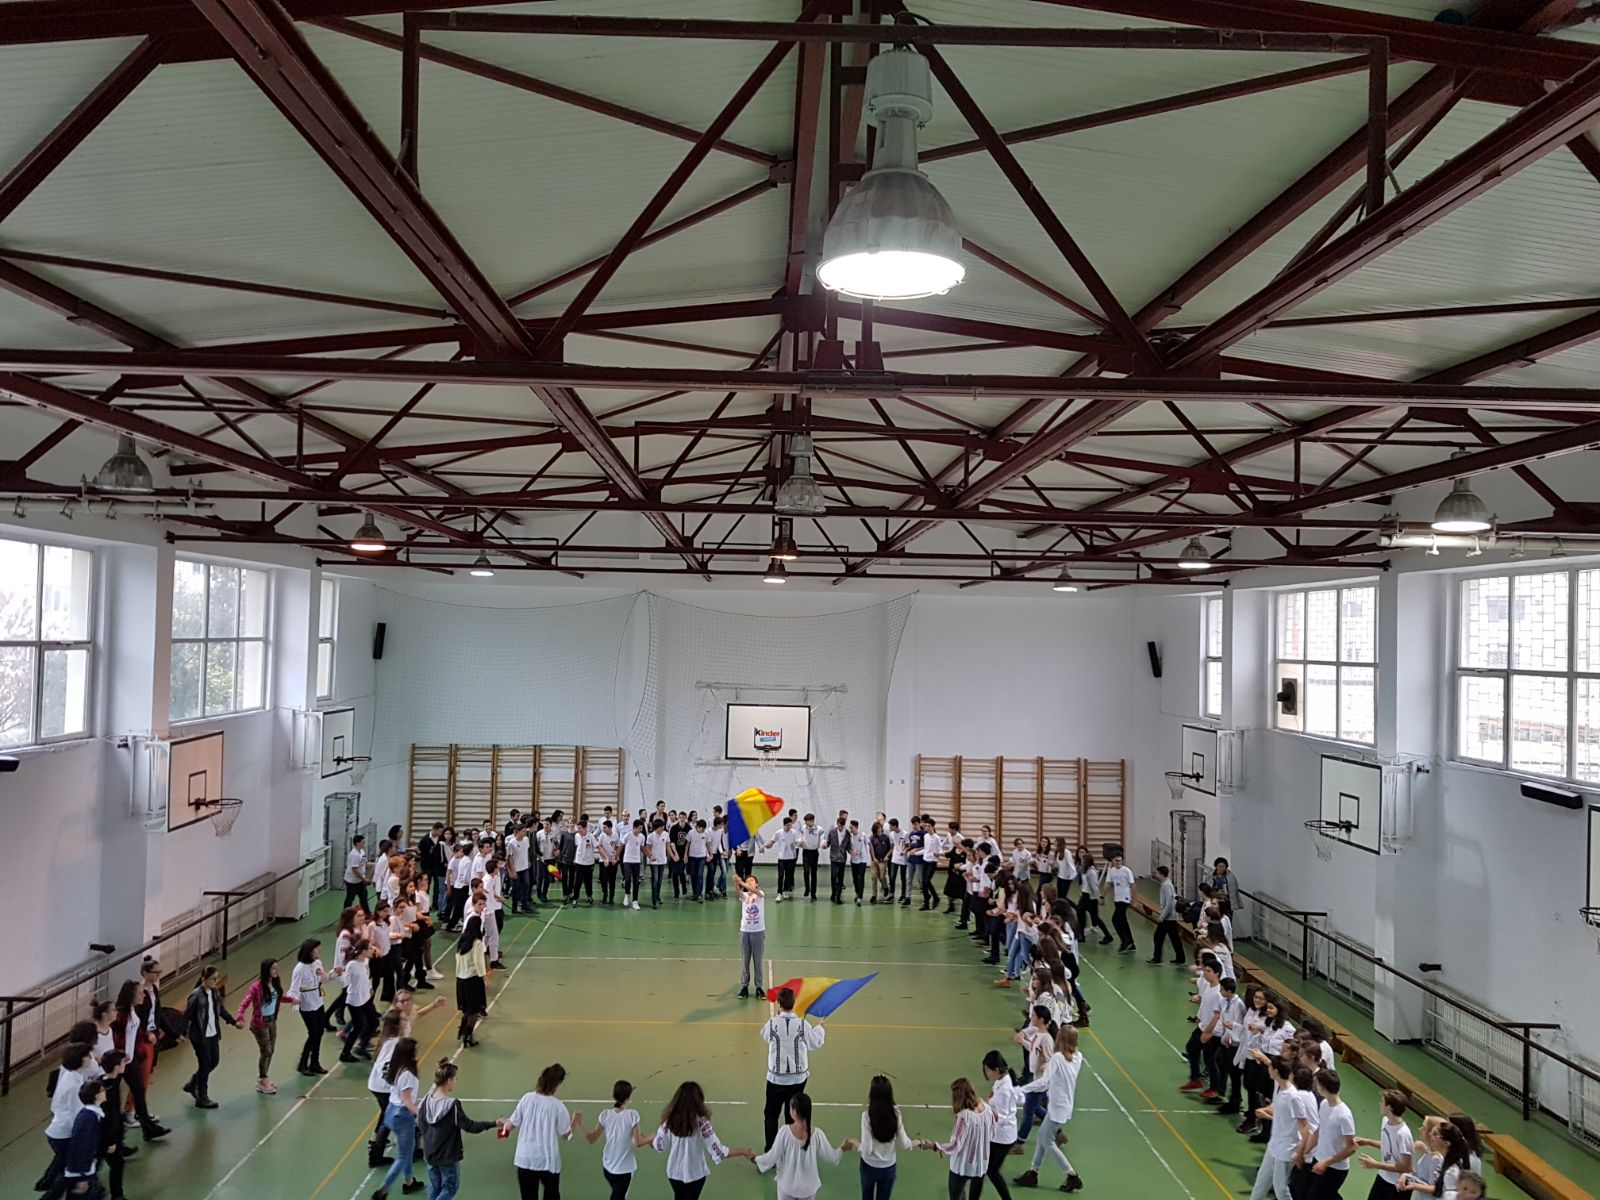 http://www.scoala12bucuresti.ro/site/wp-content/uploads/2017/12/18.jpg